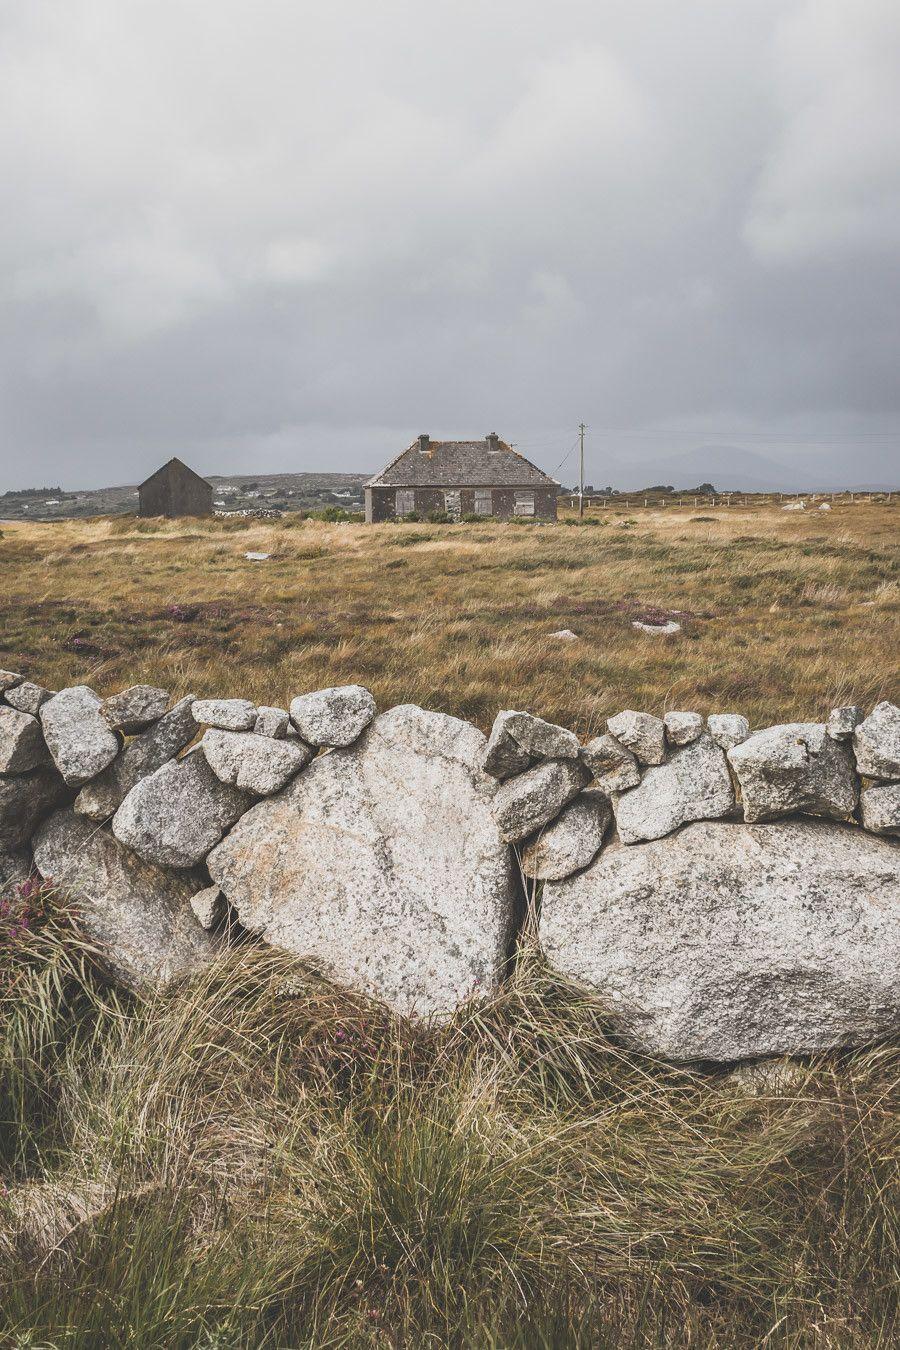 Vous souhaitez visiter le Connemara ? Découvrir la ville de Galway et ses alentours ? Ce guide est fait pour vous ! Il saura vous aiguiller / Irlande road trip / Road trip Irlande / Irlande paysage / Irlande voyage / Voyage Irlande / Irlande voyage / Voyage Irlande / Voyage en Irlande / Carnet de voyage en Irlande / Carnet voyage Irlande / Connemara Irlande / Connemara national park / Galway Ireland / Galway Irlande / Galway things to do